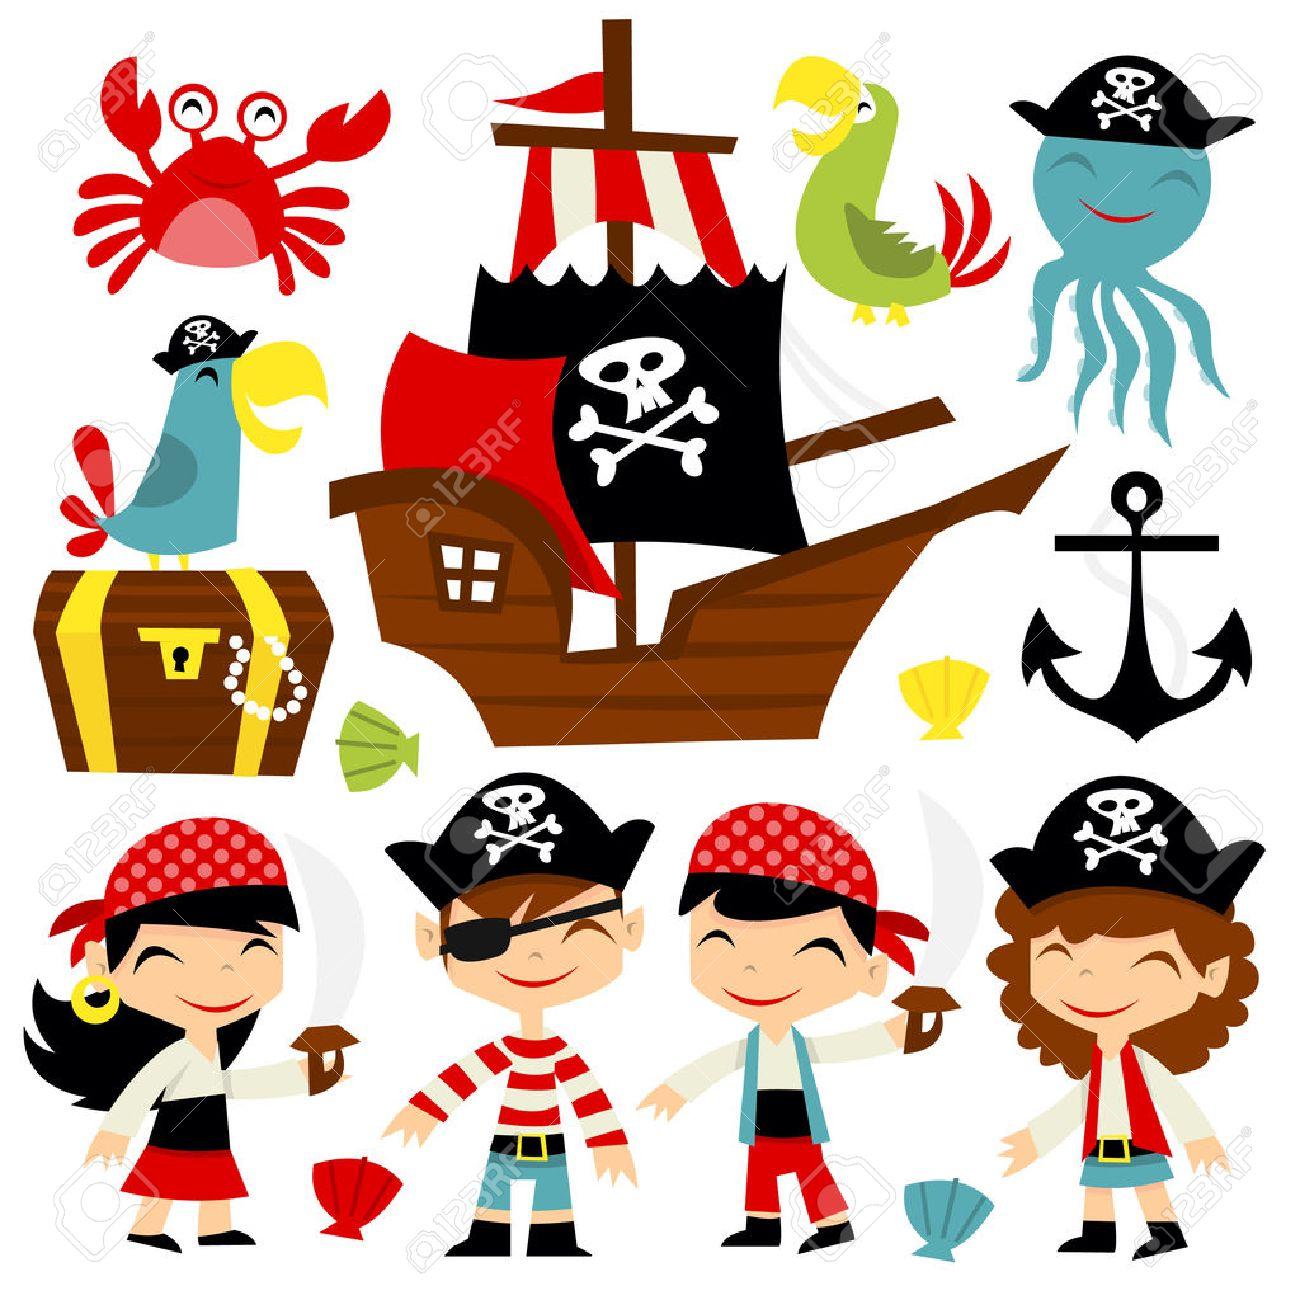 レトロな海賊の冒険をテーマの漫画イラストを設定しますこのセットに